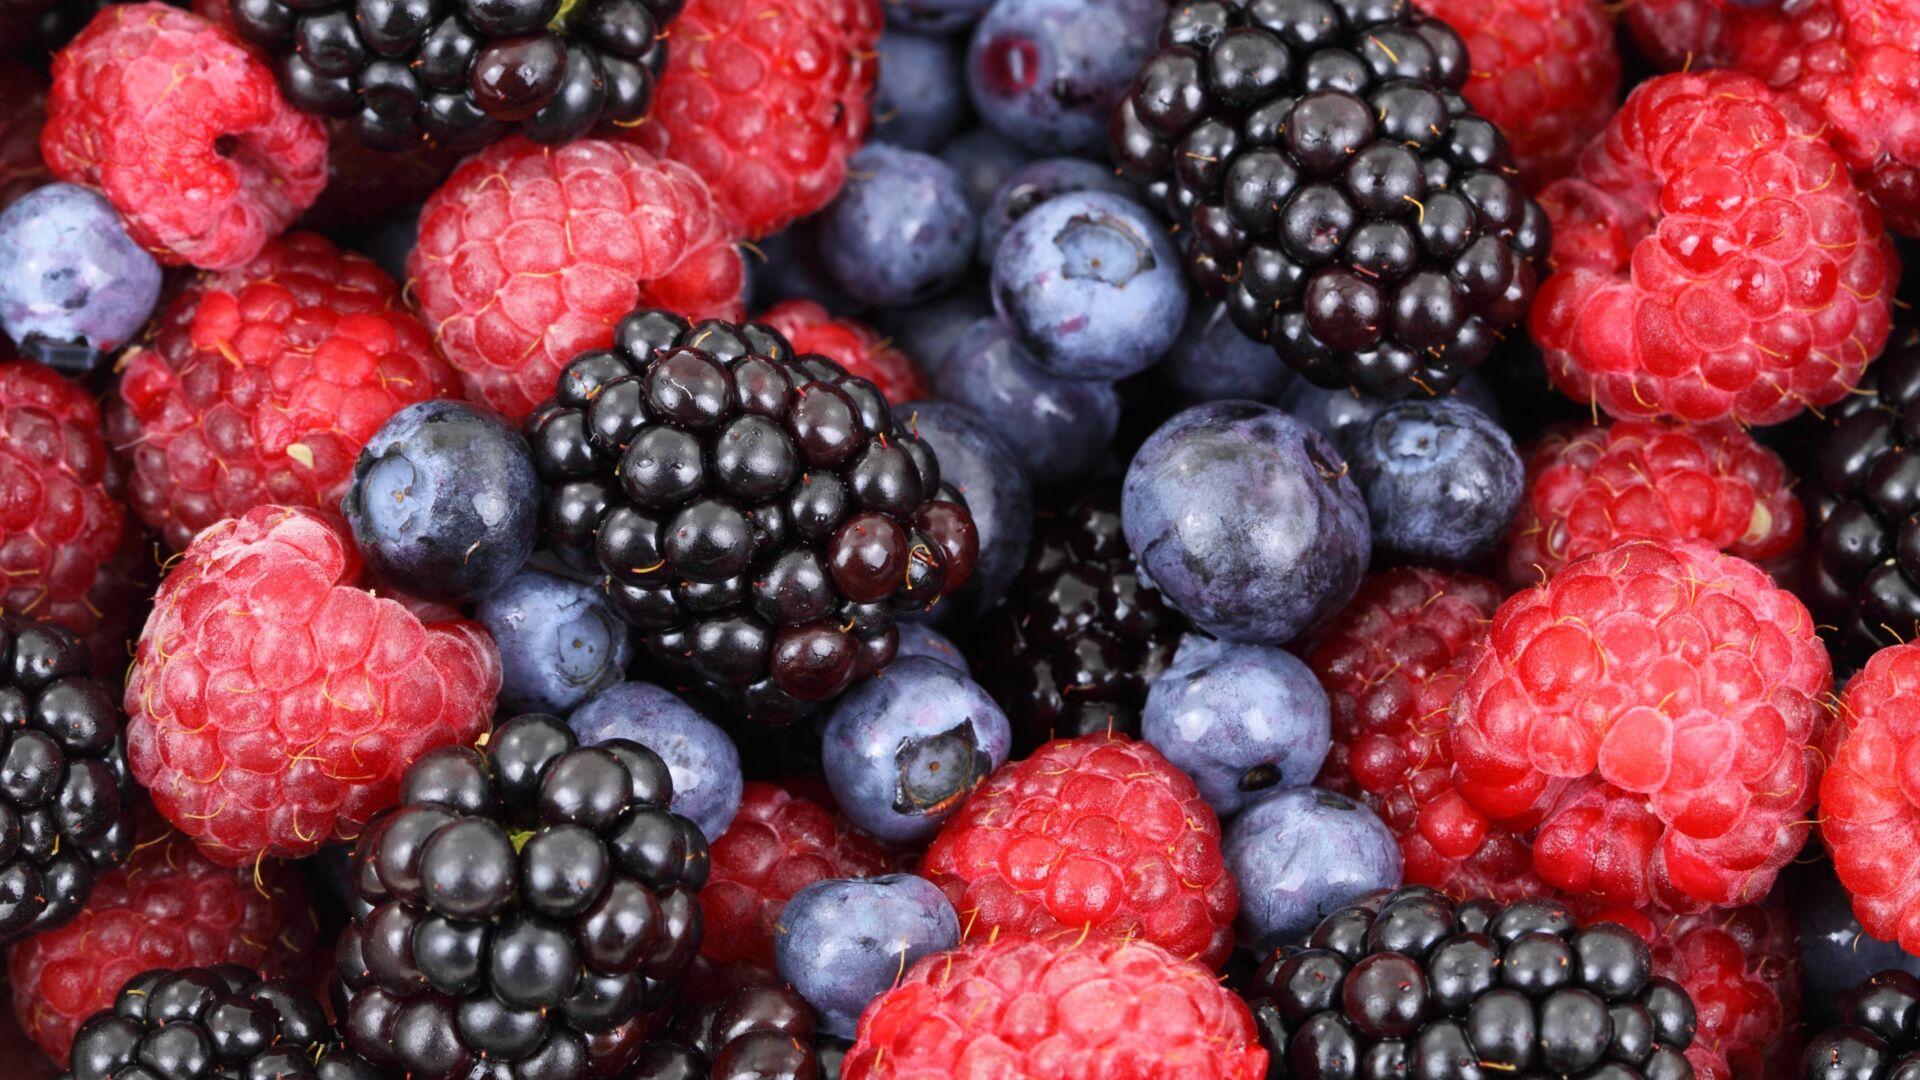 Food forest blueberries raspberries 87818